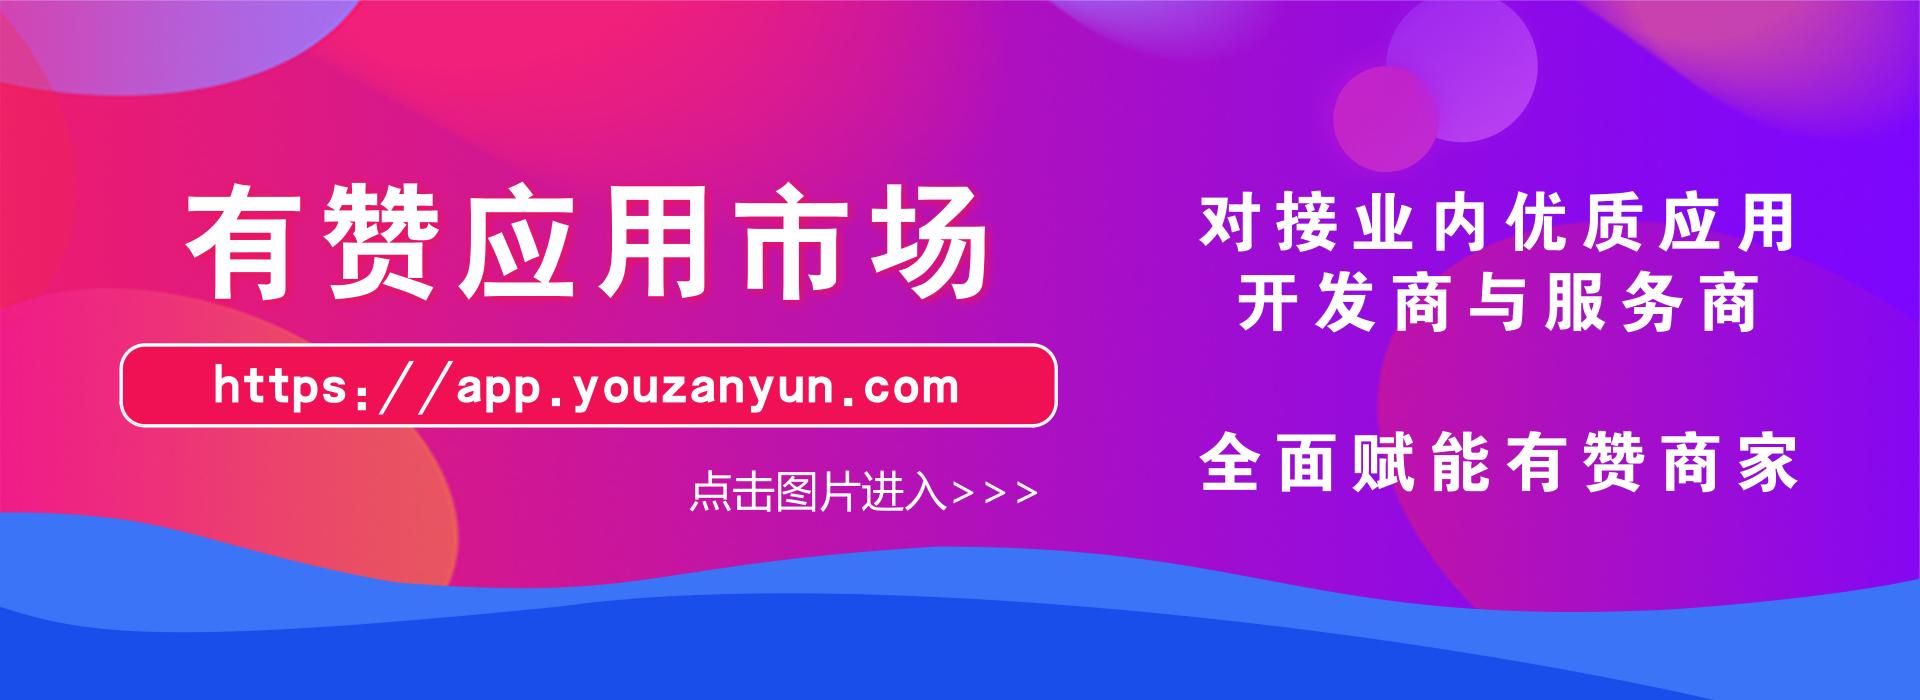 默认标题_PC首页通栏海报(大)_2018.12.17.png